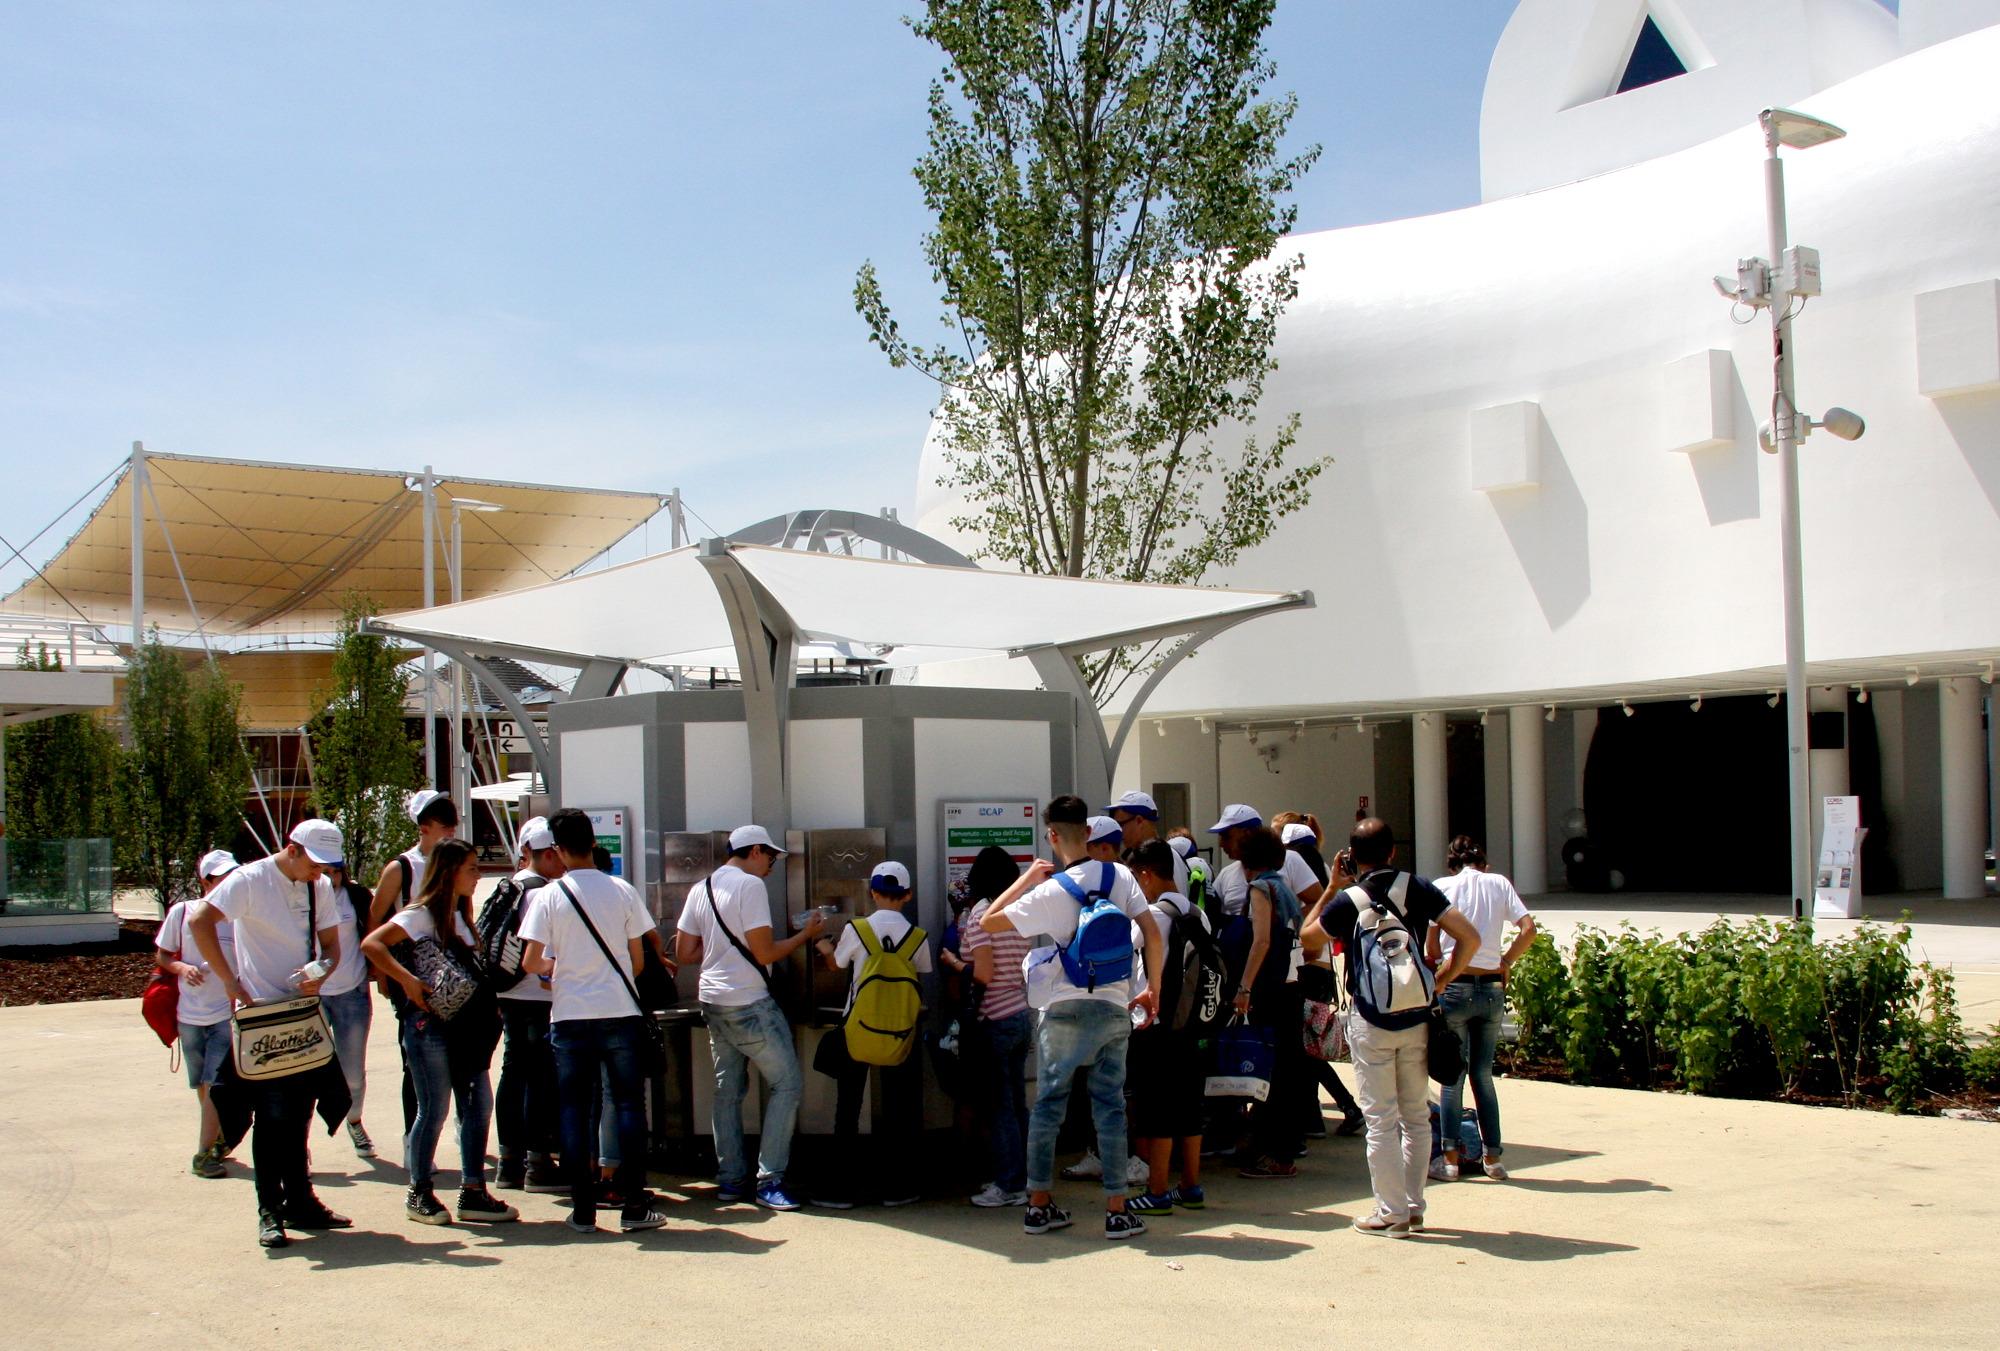 Le case dell'Acqua dissetano Expo!